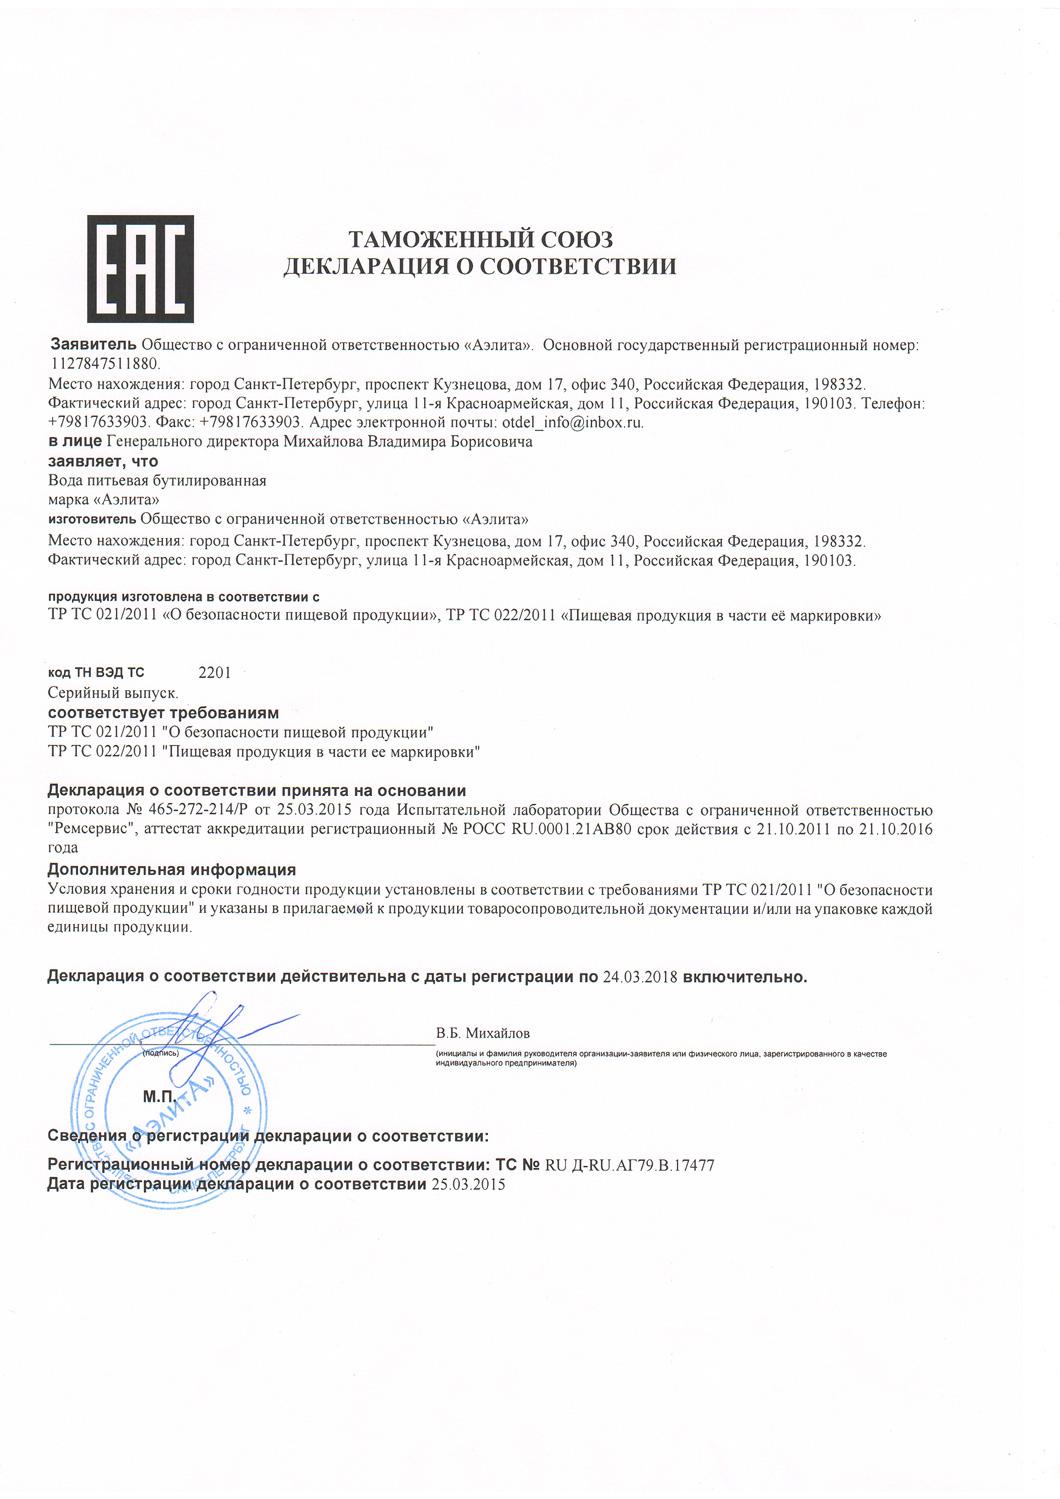 Питьевая вода Аэлита сертификат